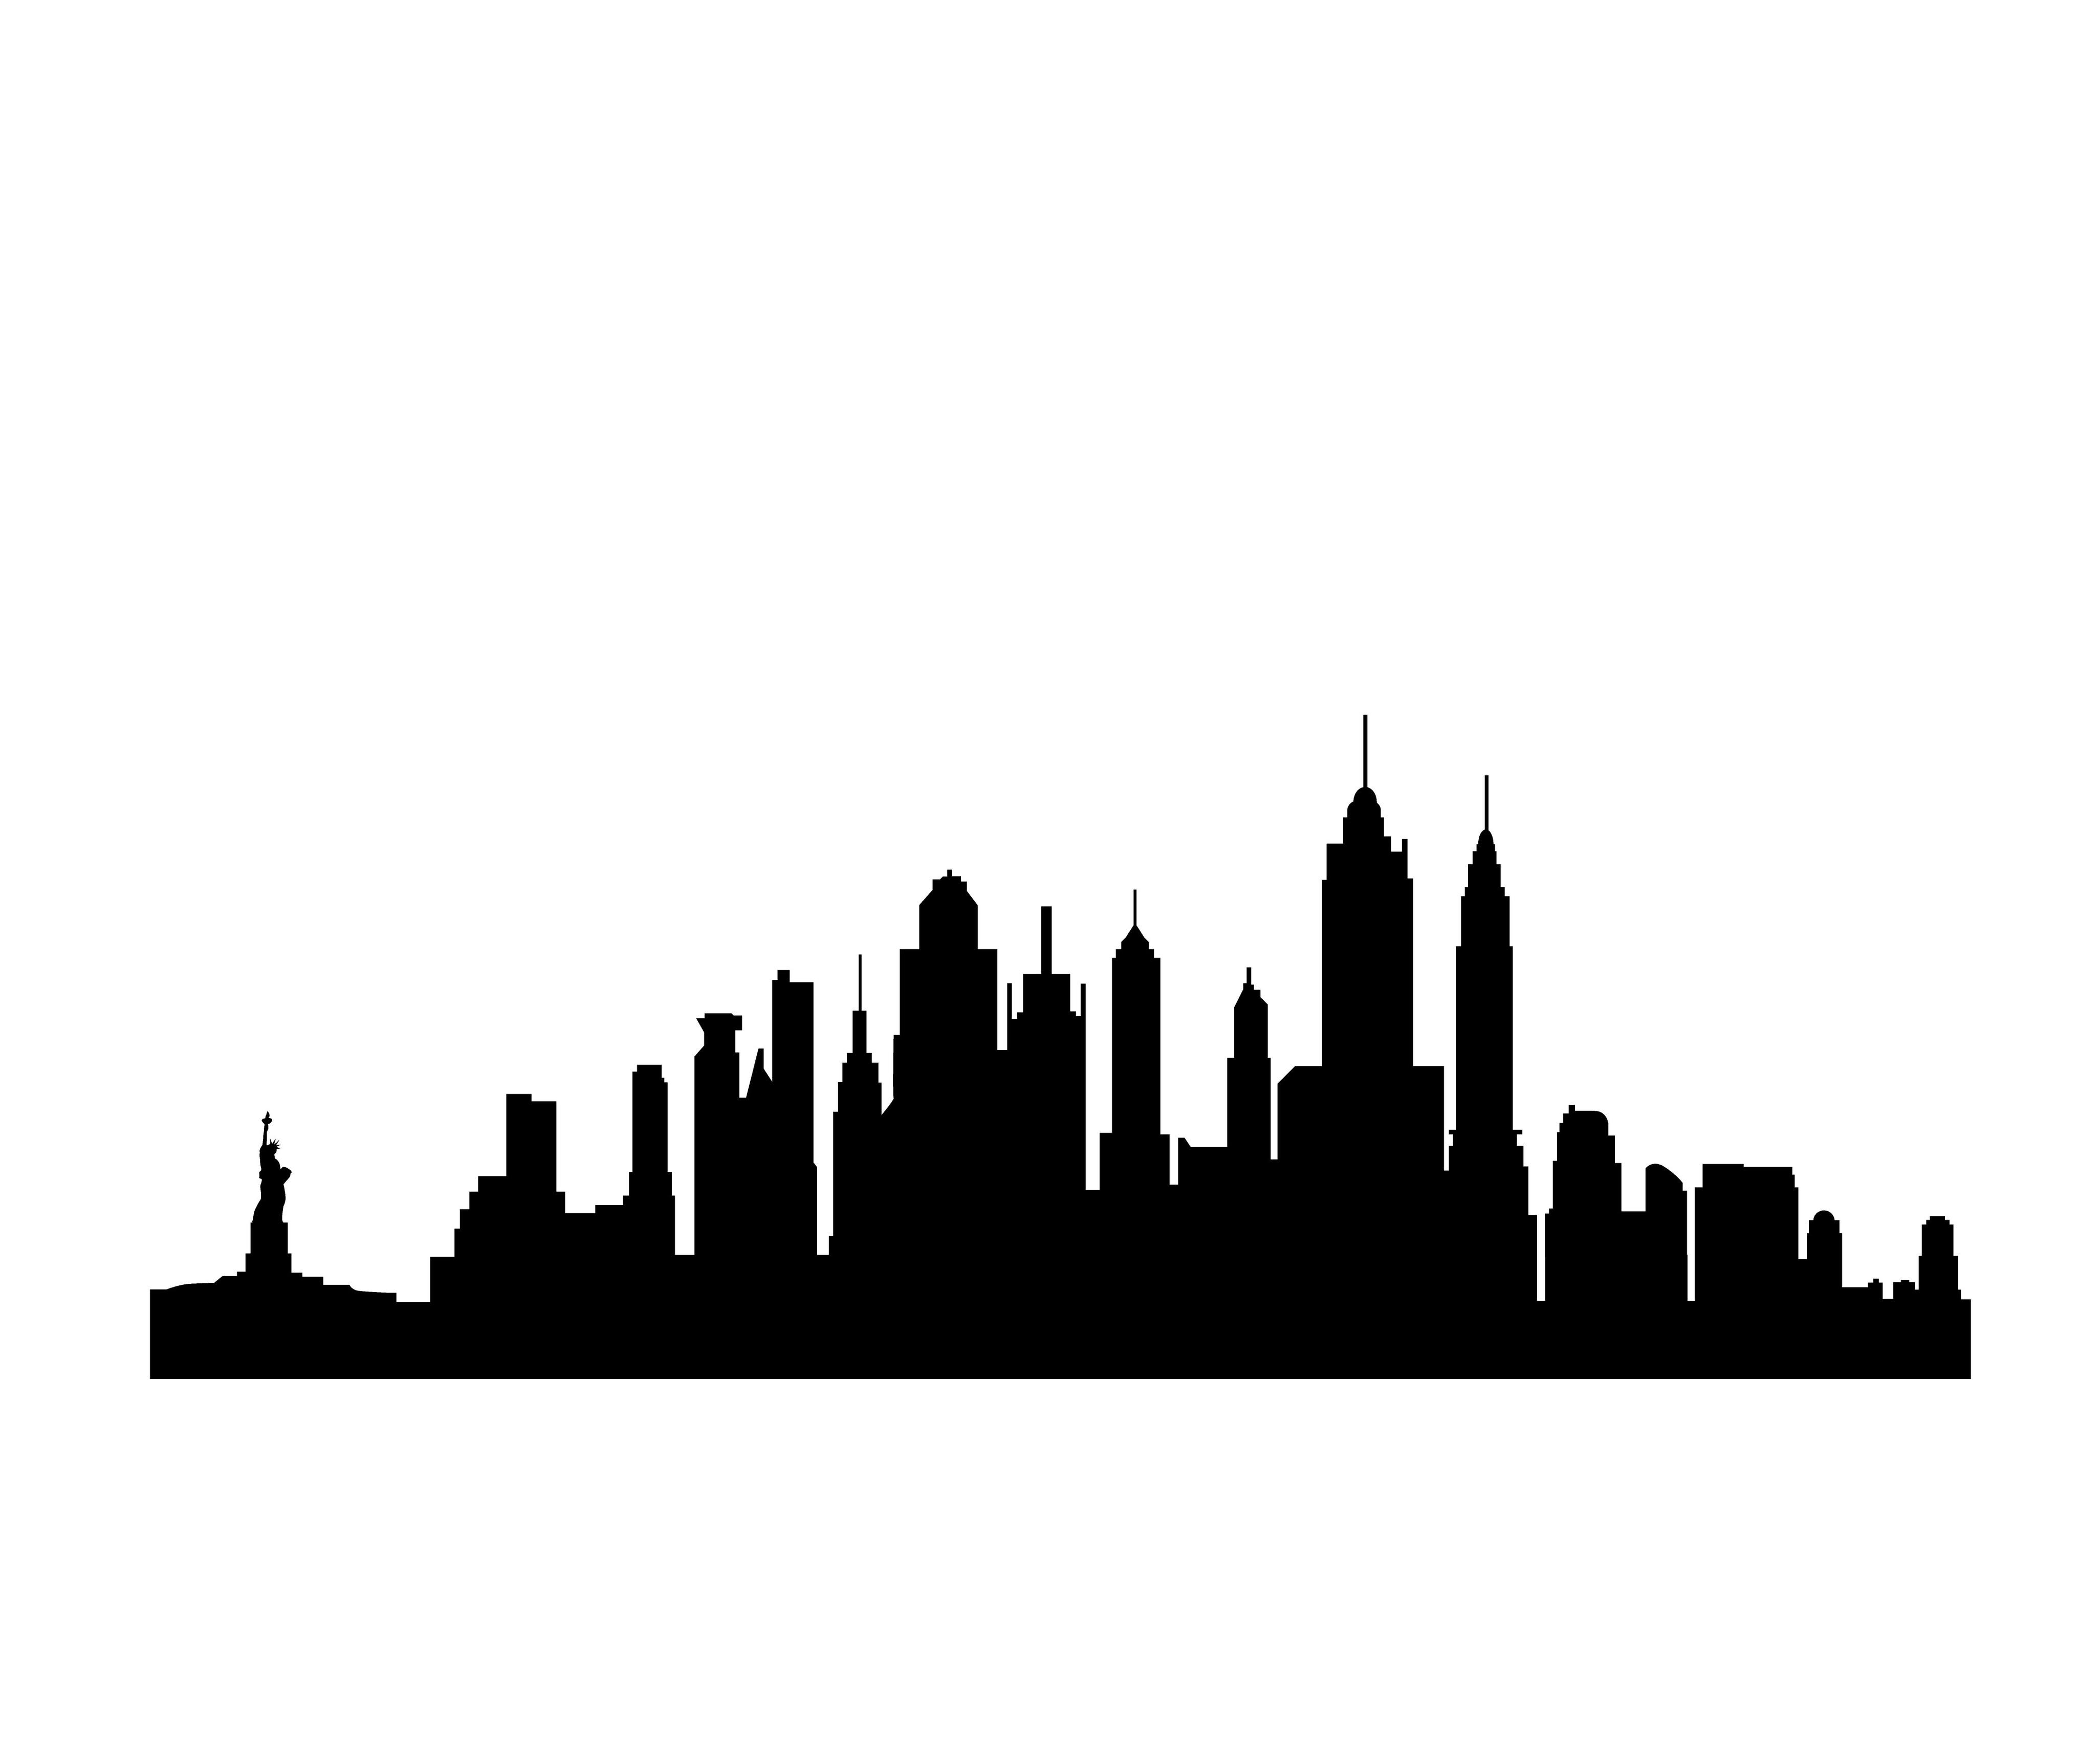 City buildings outline clipart clipart black and white download City Buildings Clipart | Free download best City Buildings Clipart ... clipart black and white download